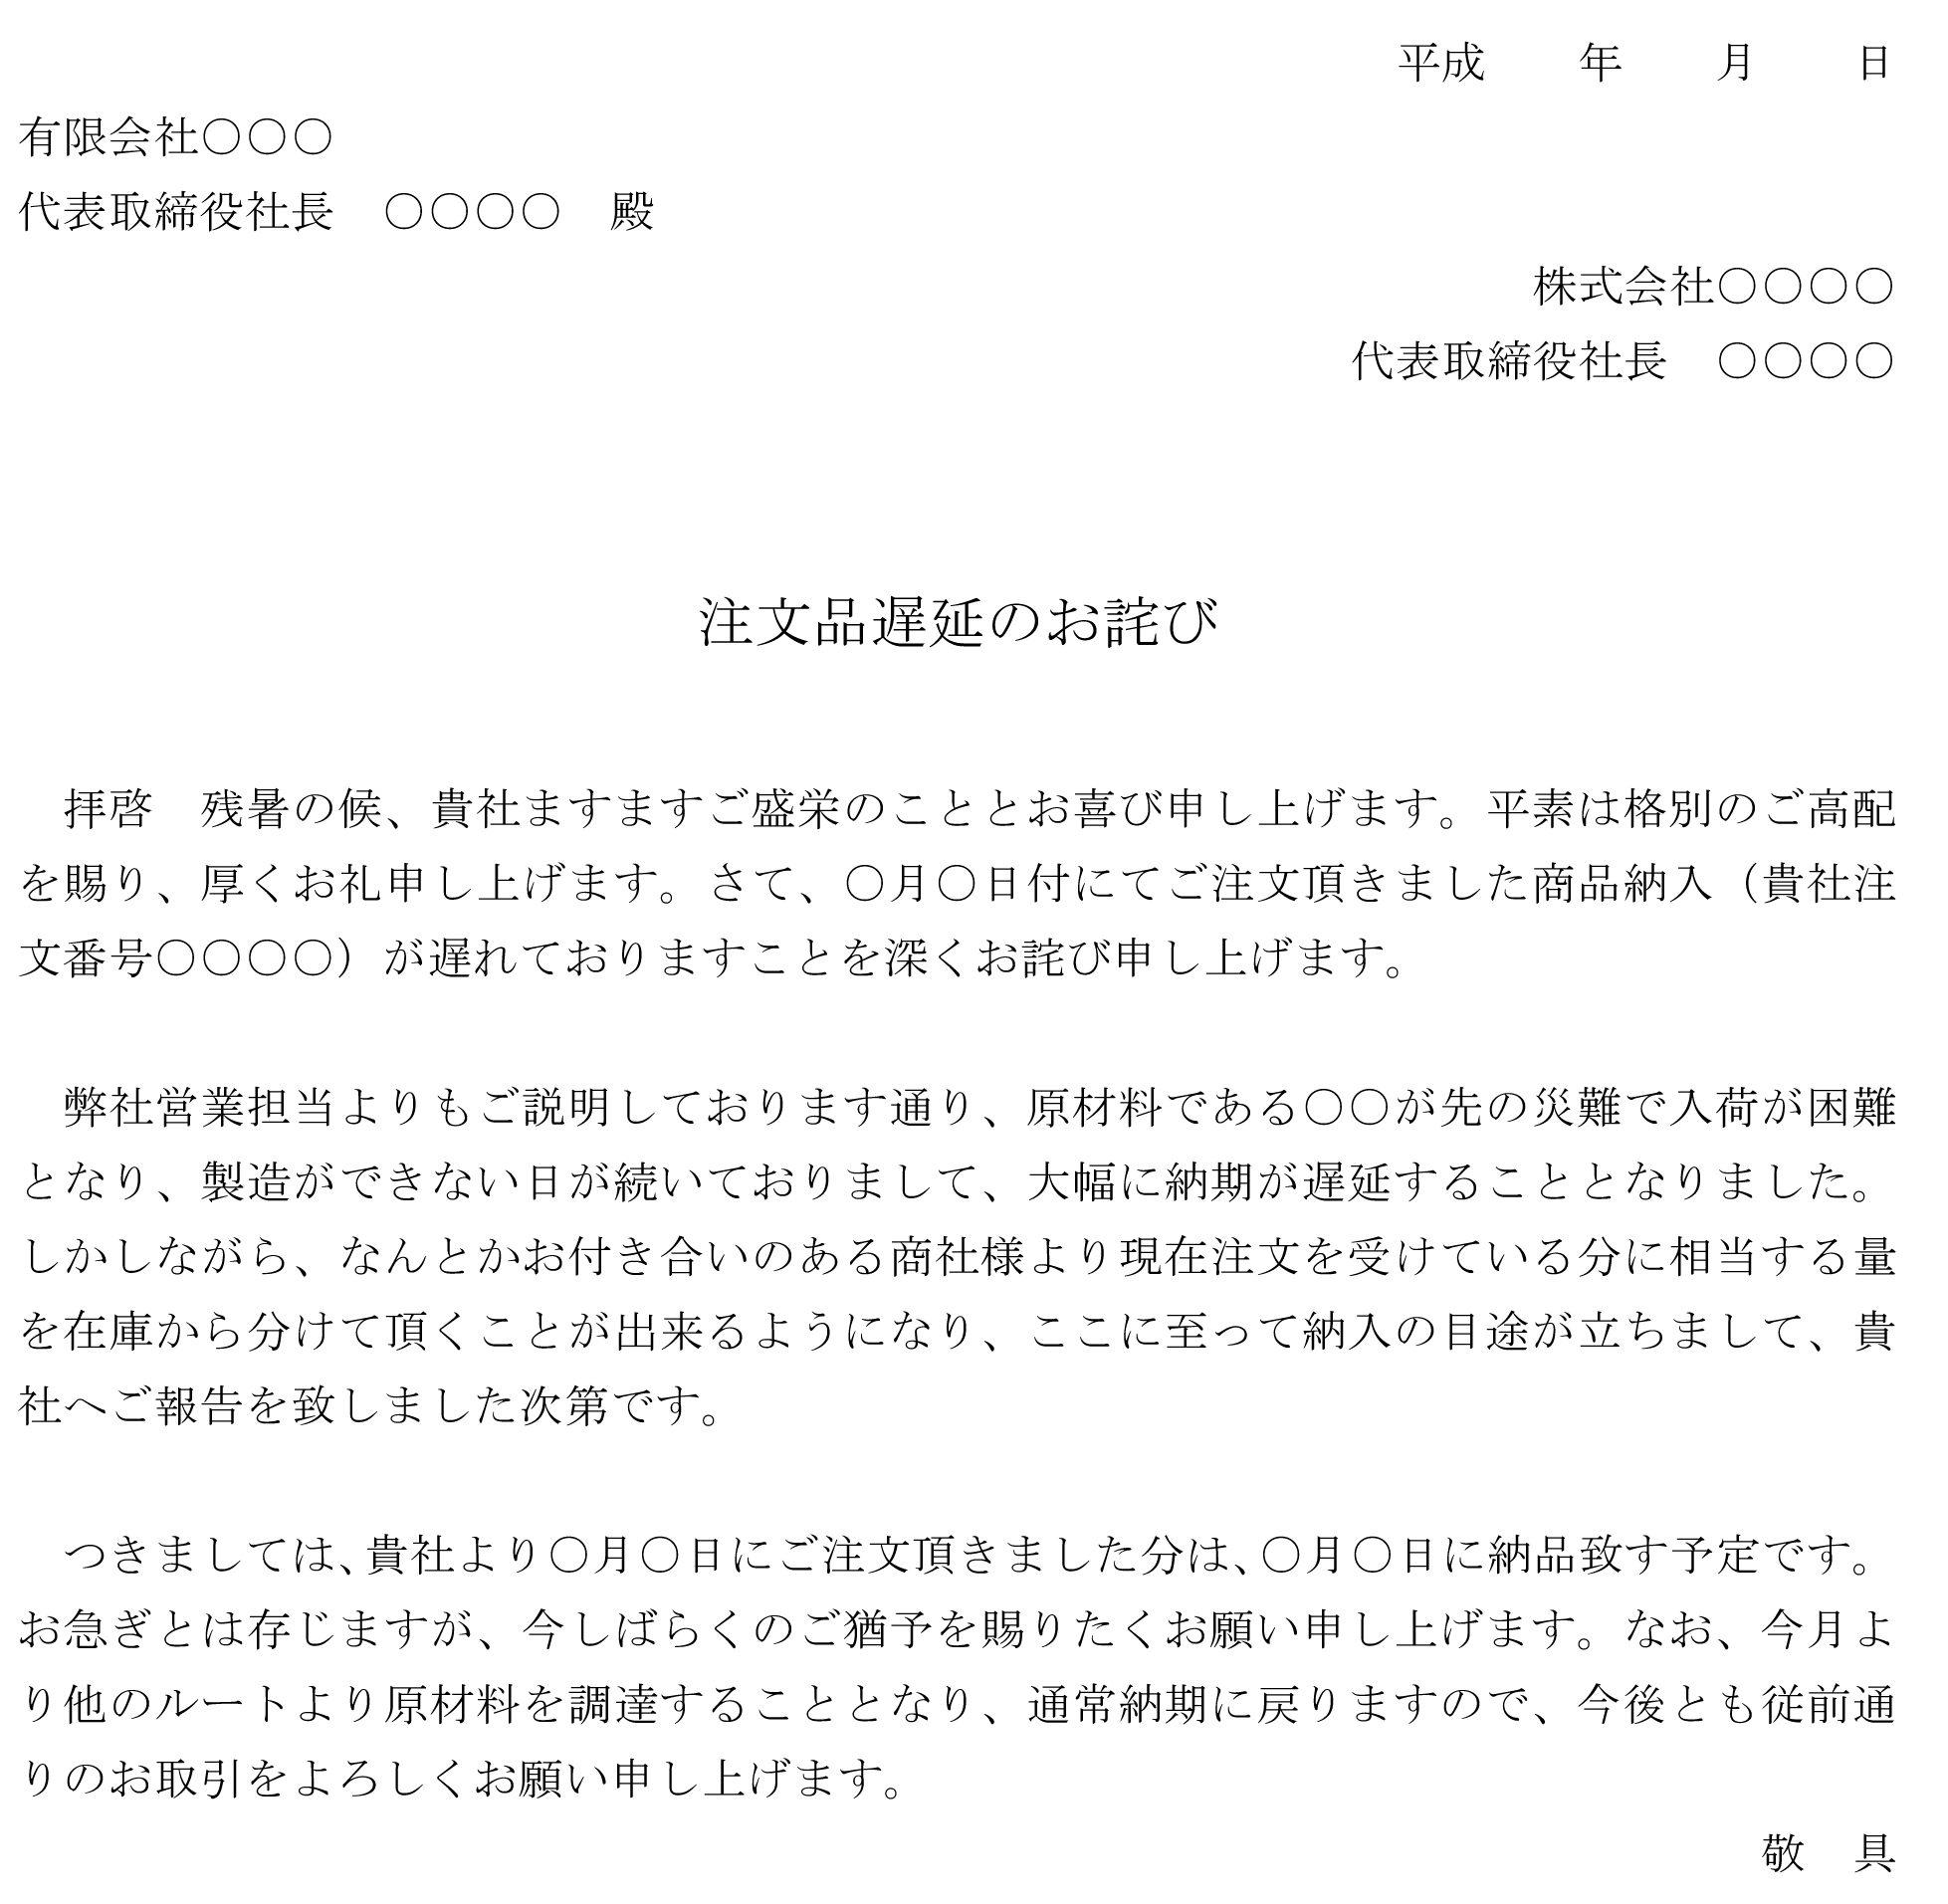 お詫び状(注文品遅延)